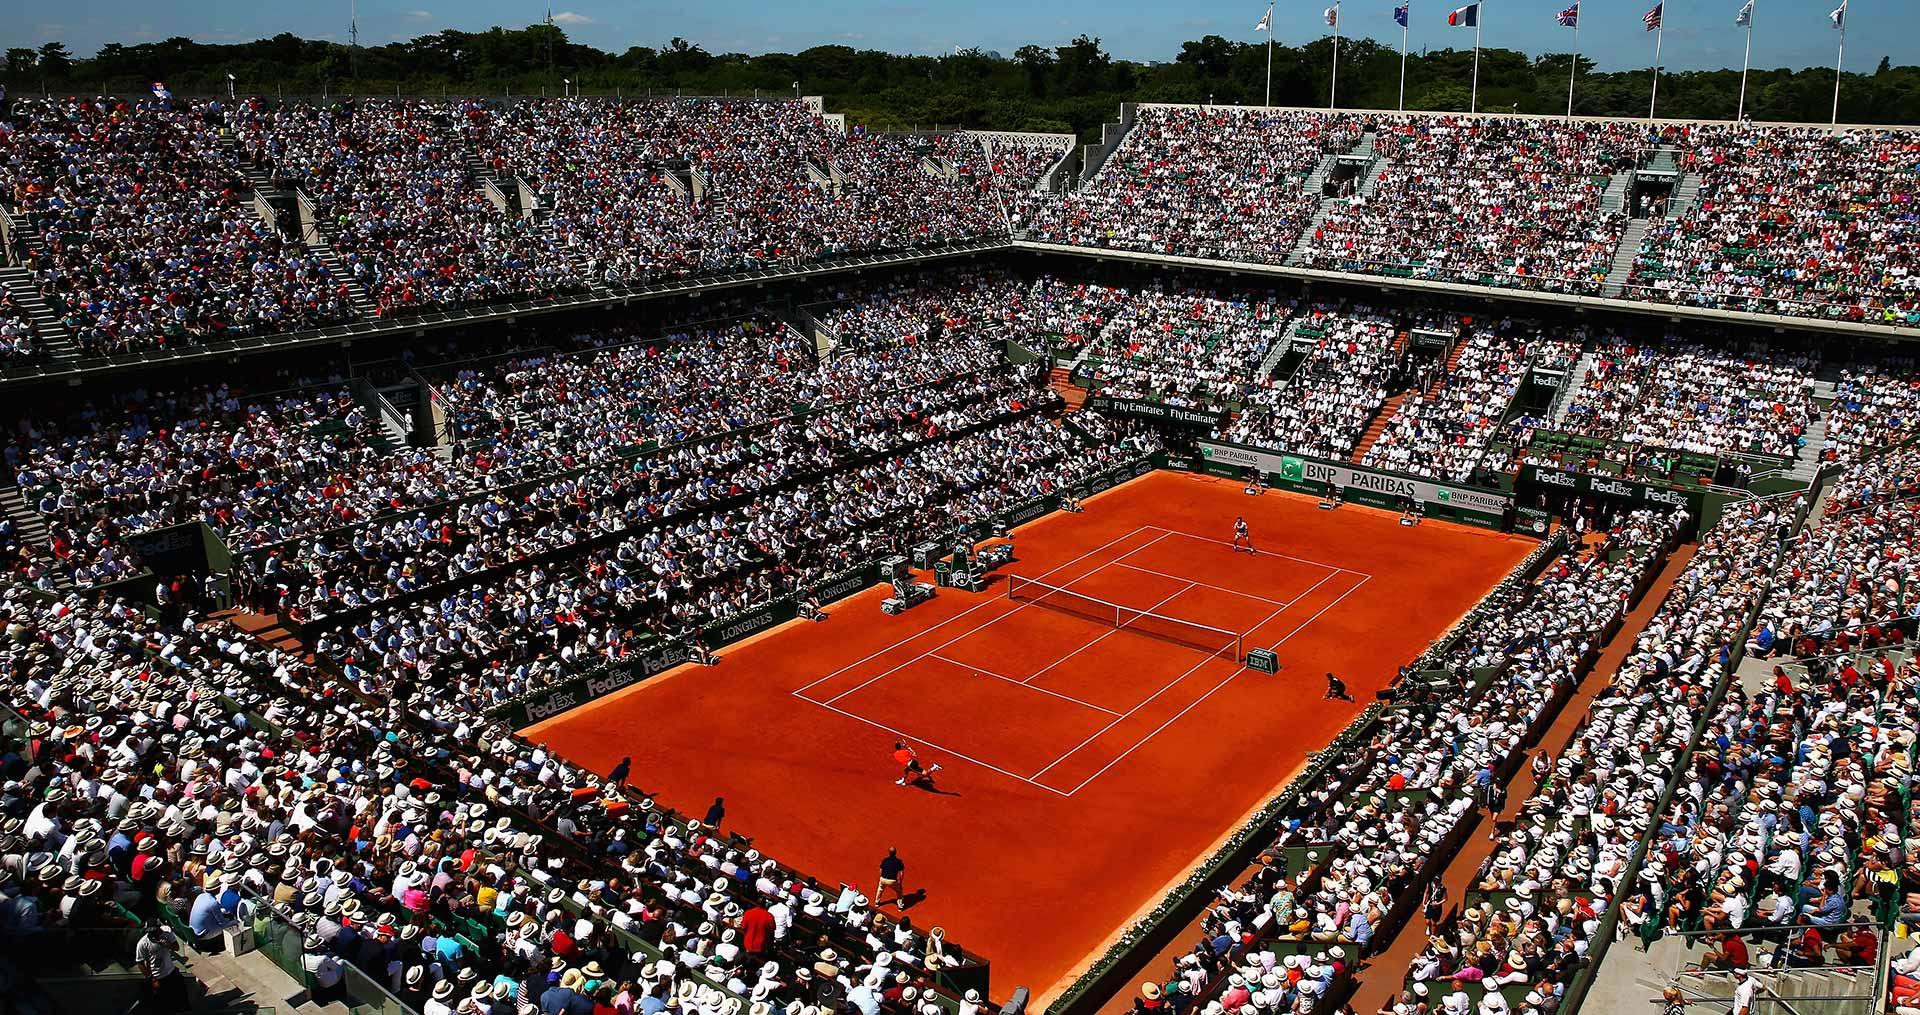 roland-garros-2015-final-stadium